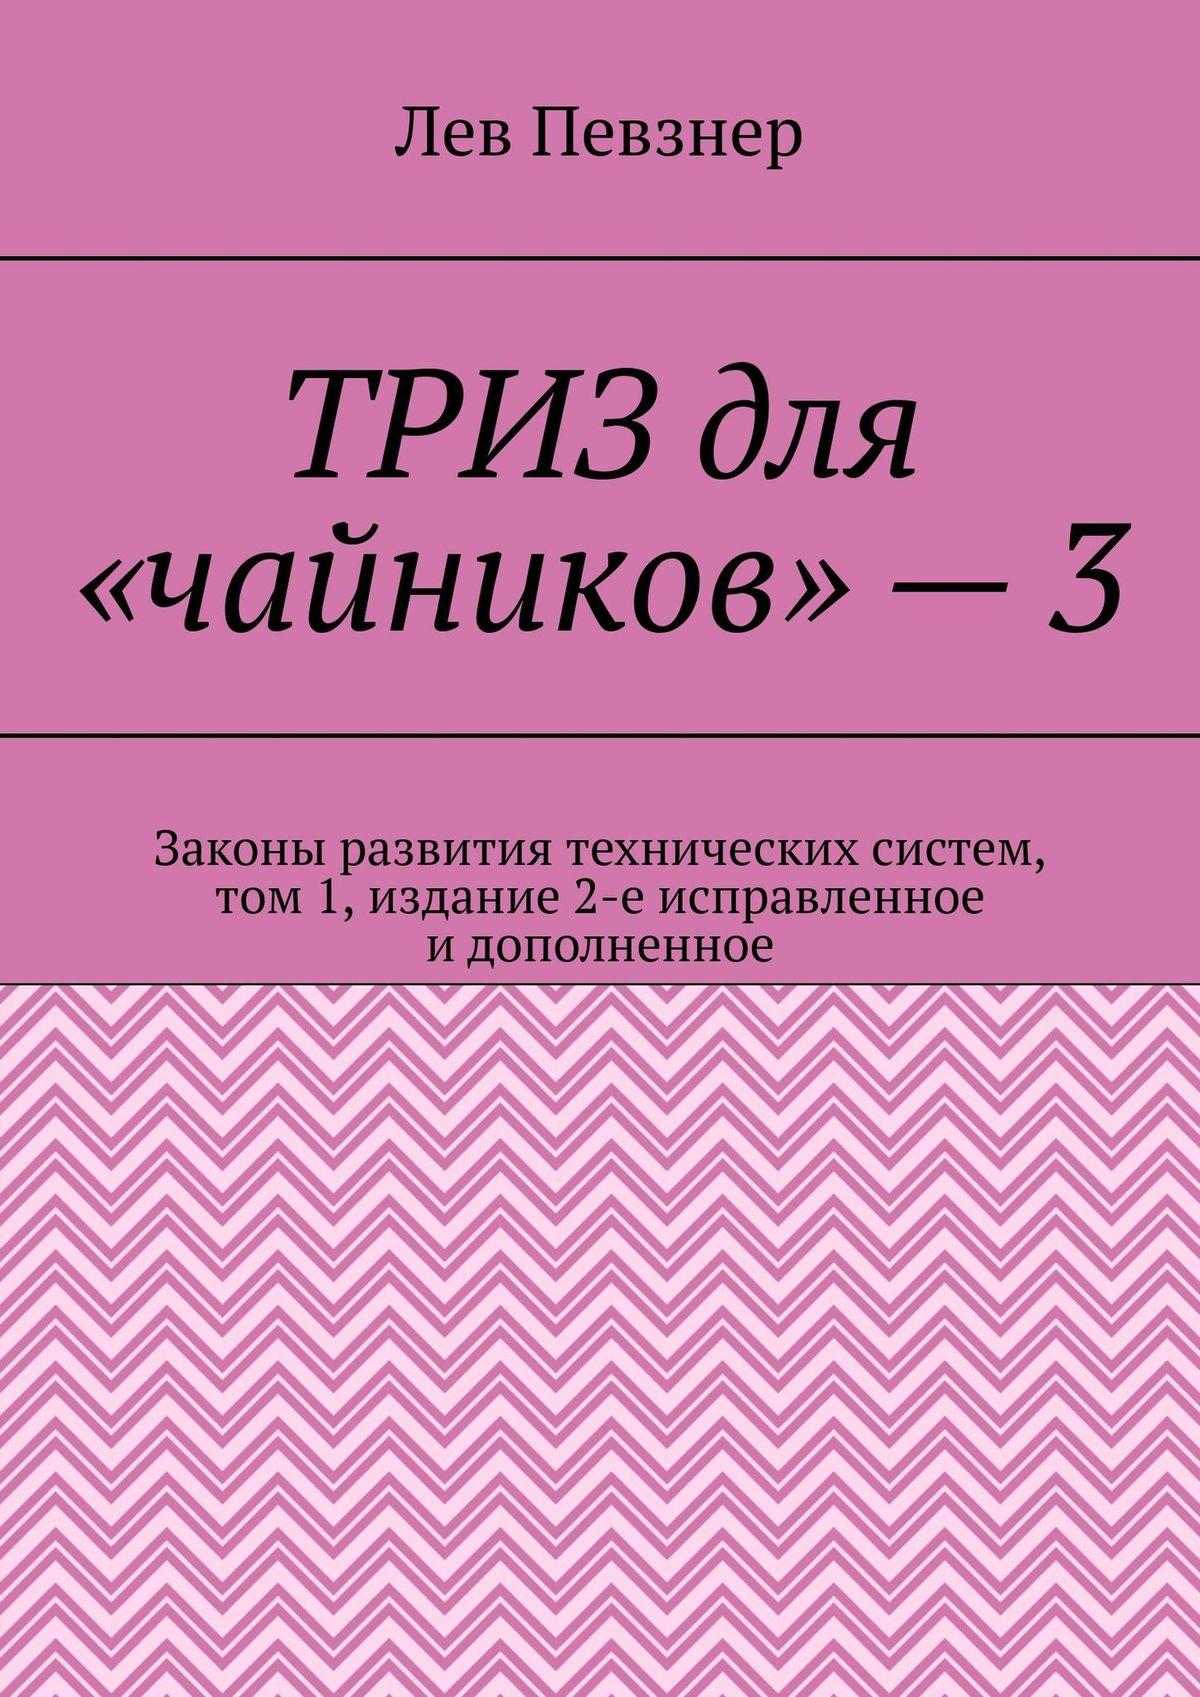 Лев Певзнер ТРИЗ для «чайников» – 3. Законы развития технических систем, том 1, издание 2-е исправленное и дополненное певзнер л приемы устранения технических противоречий триз для чайников